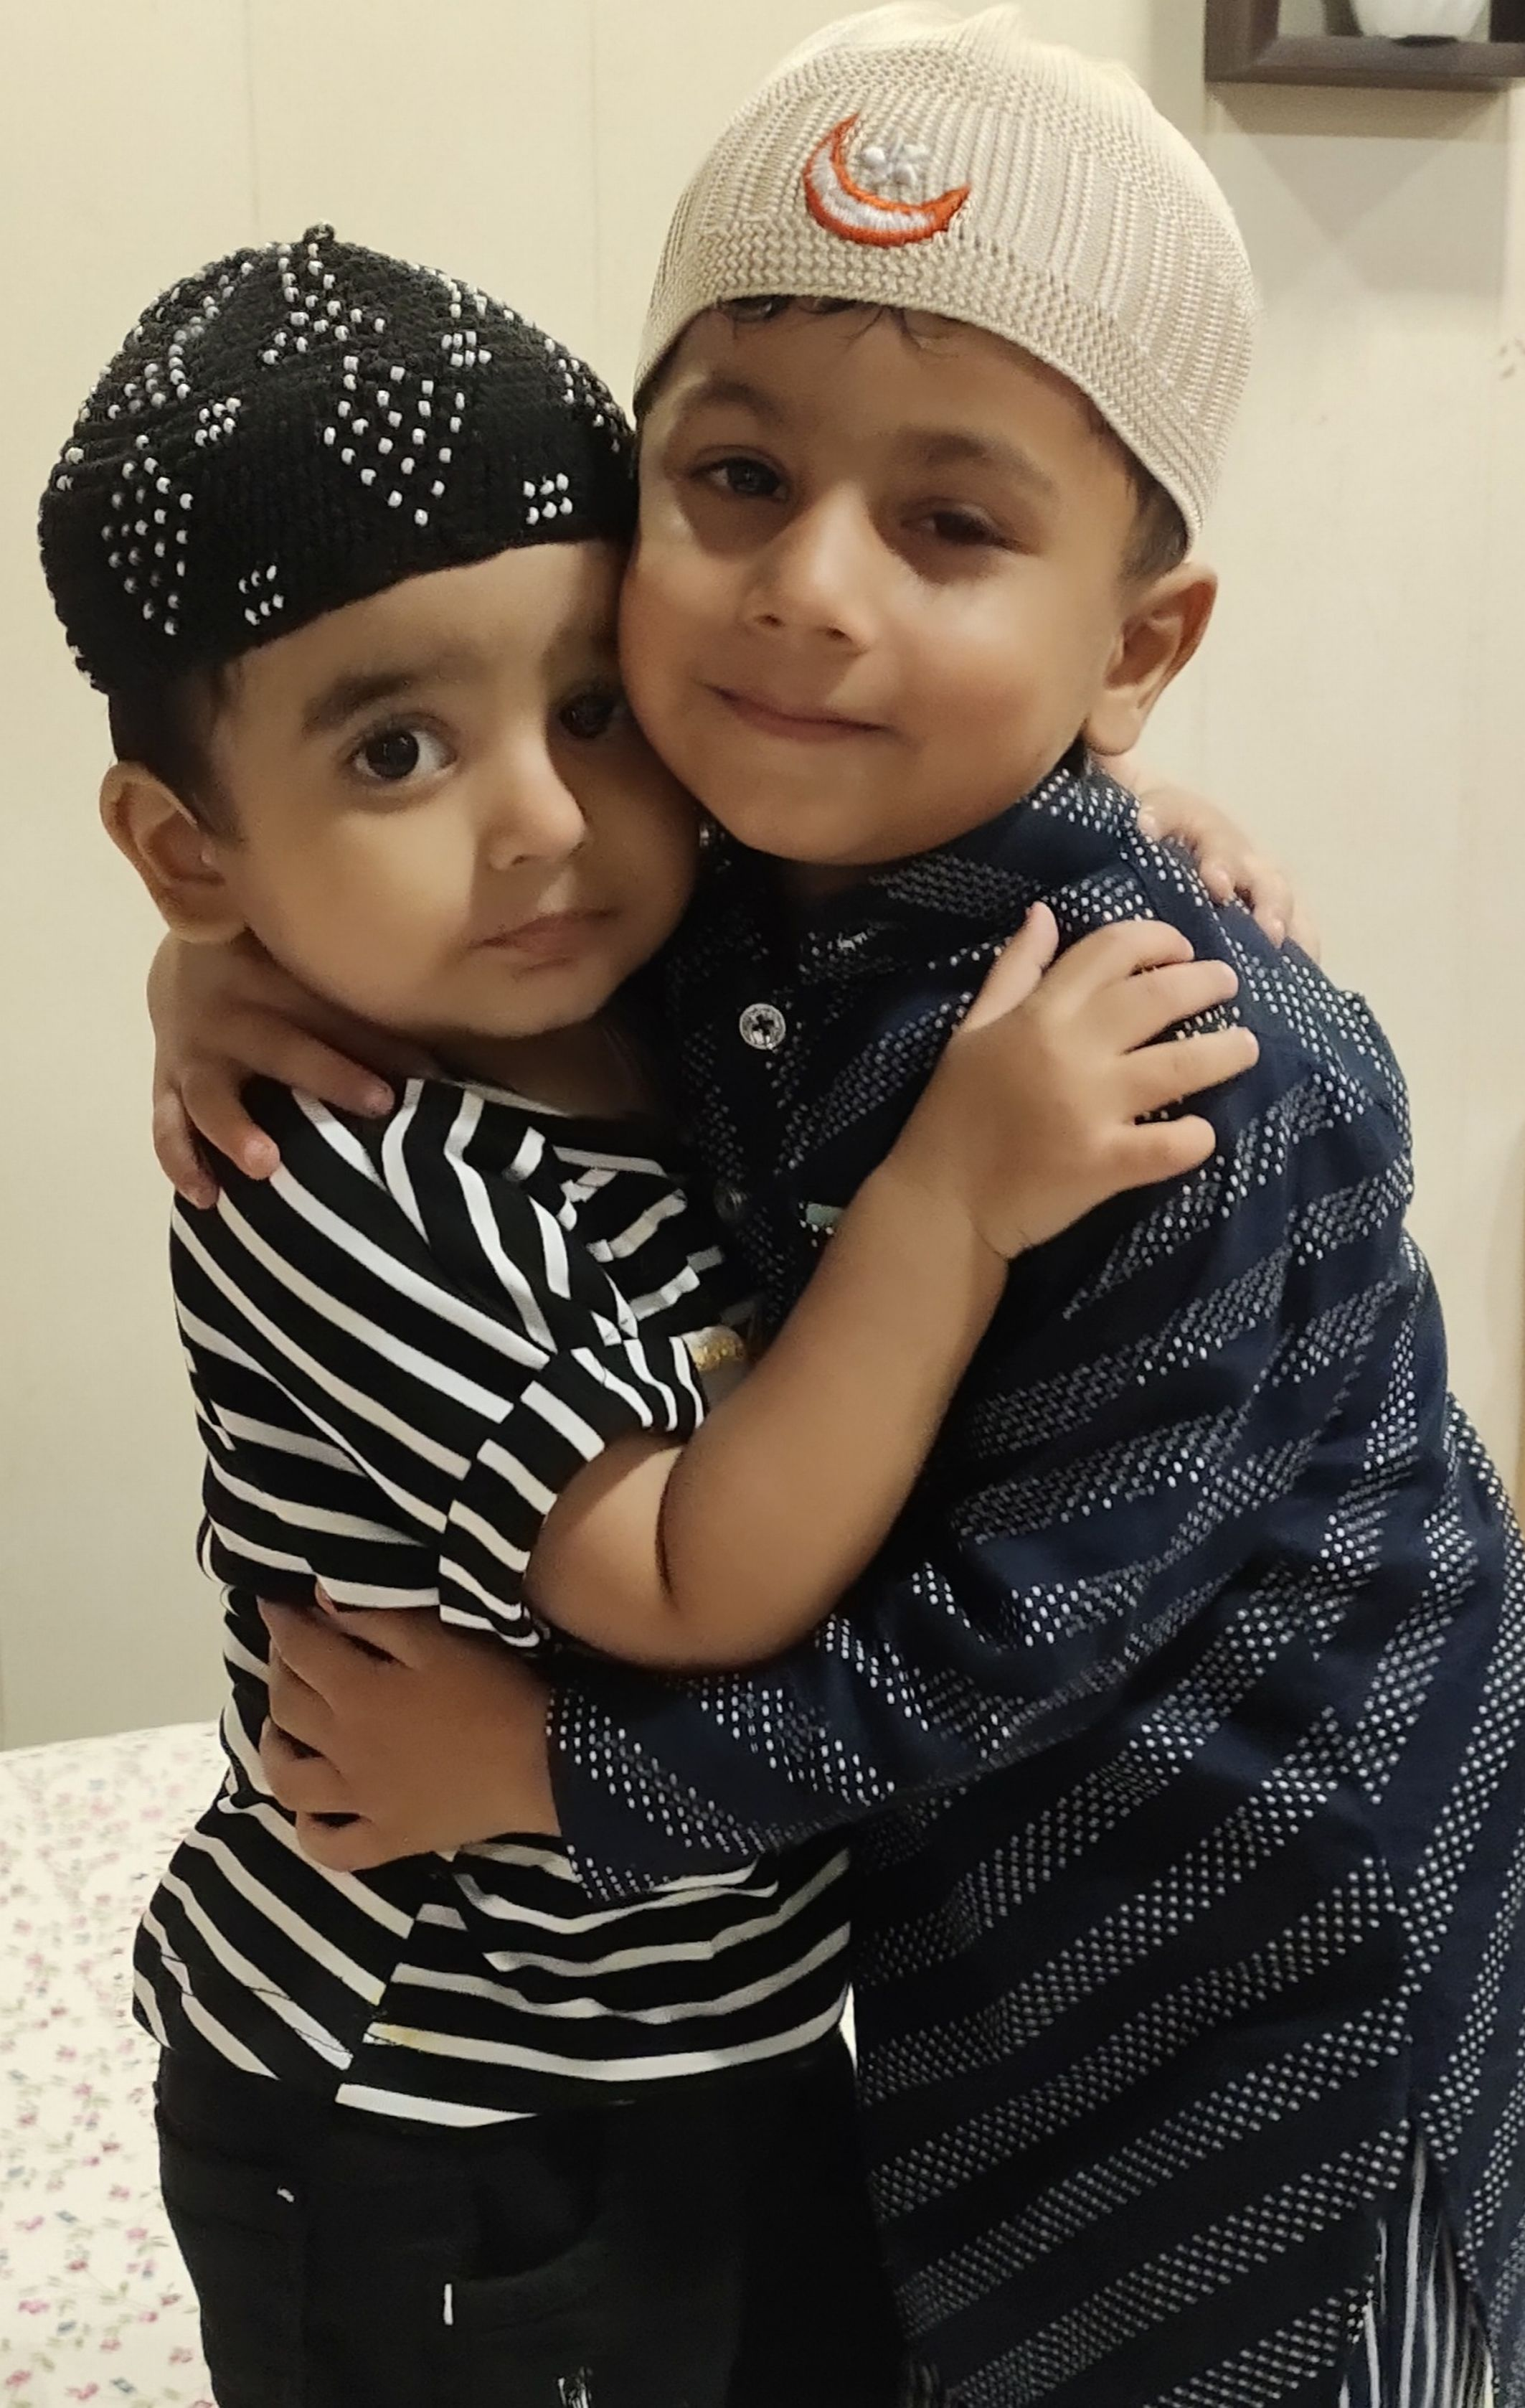 सितारगंज में ईदुल अजहा के पर्व पर गले मिलते नन्हे मुन्ने।